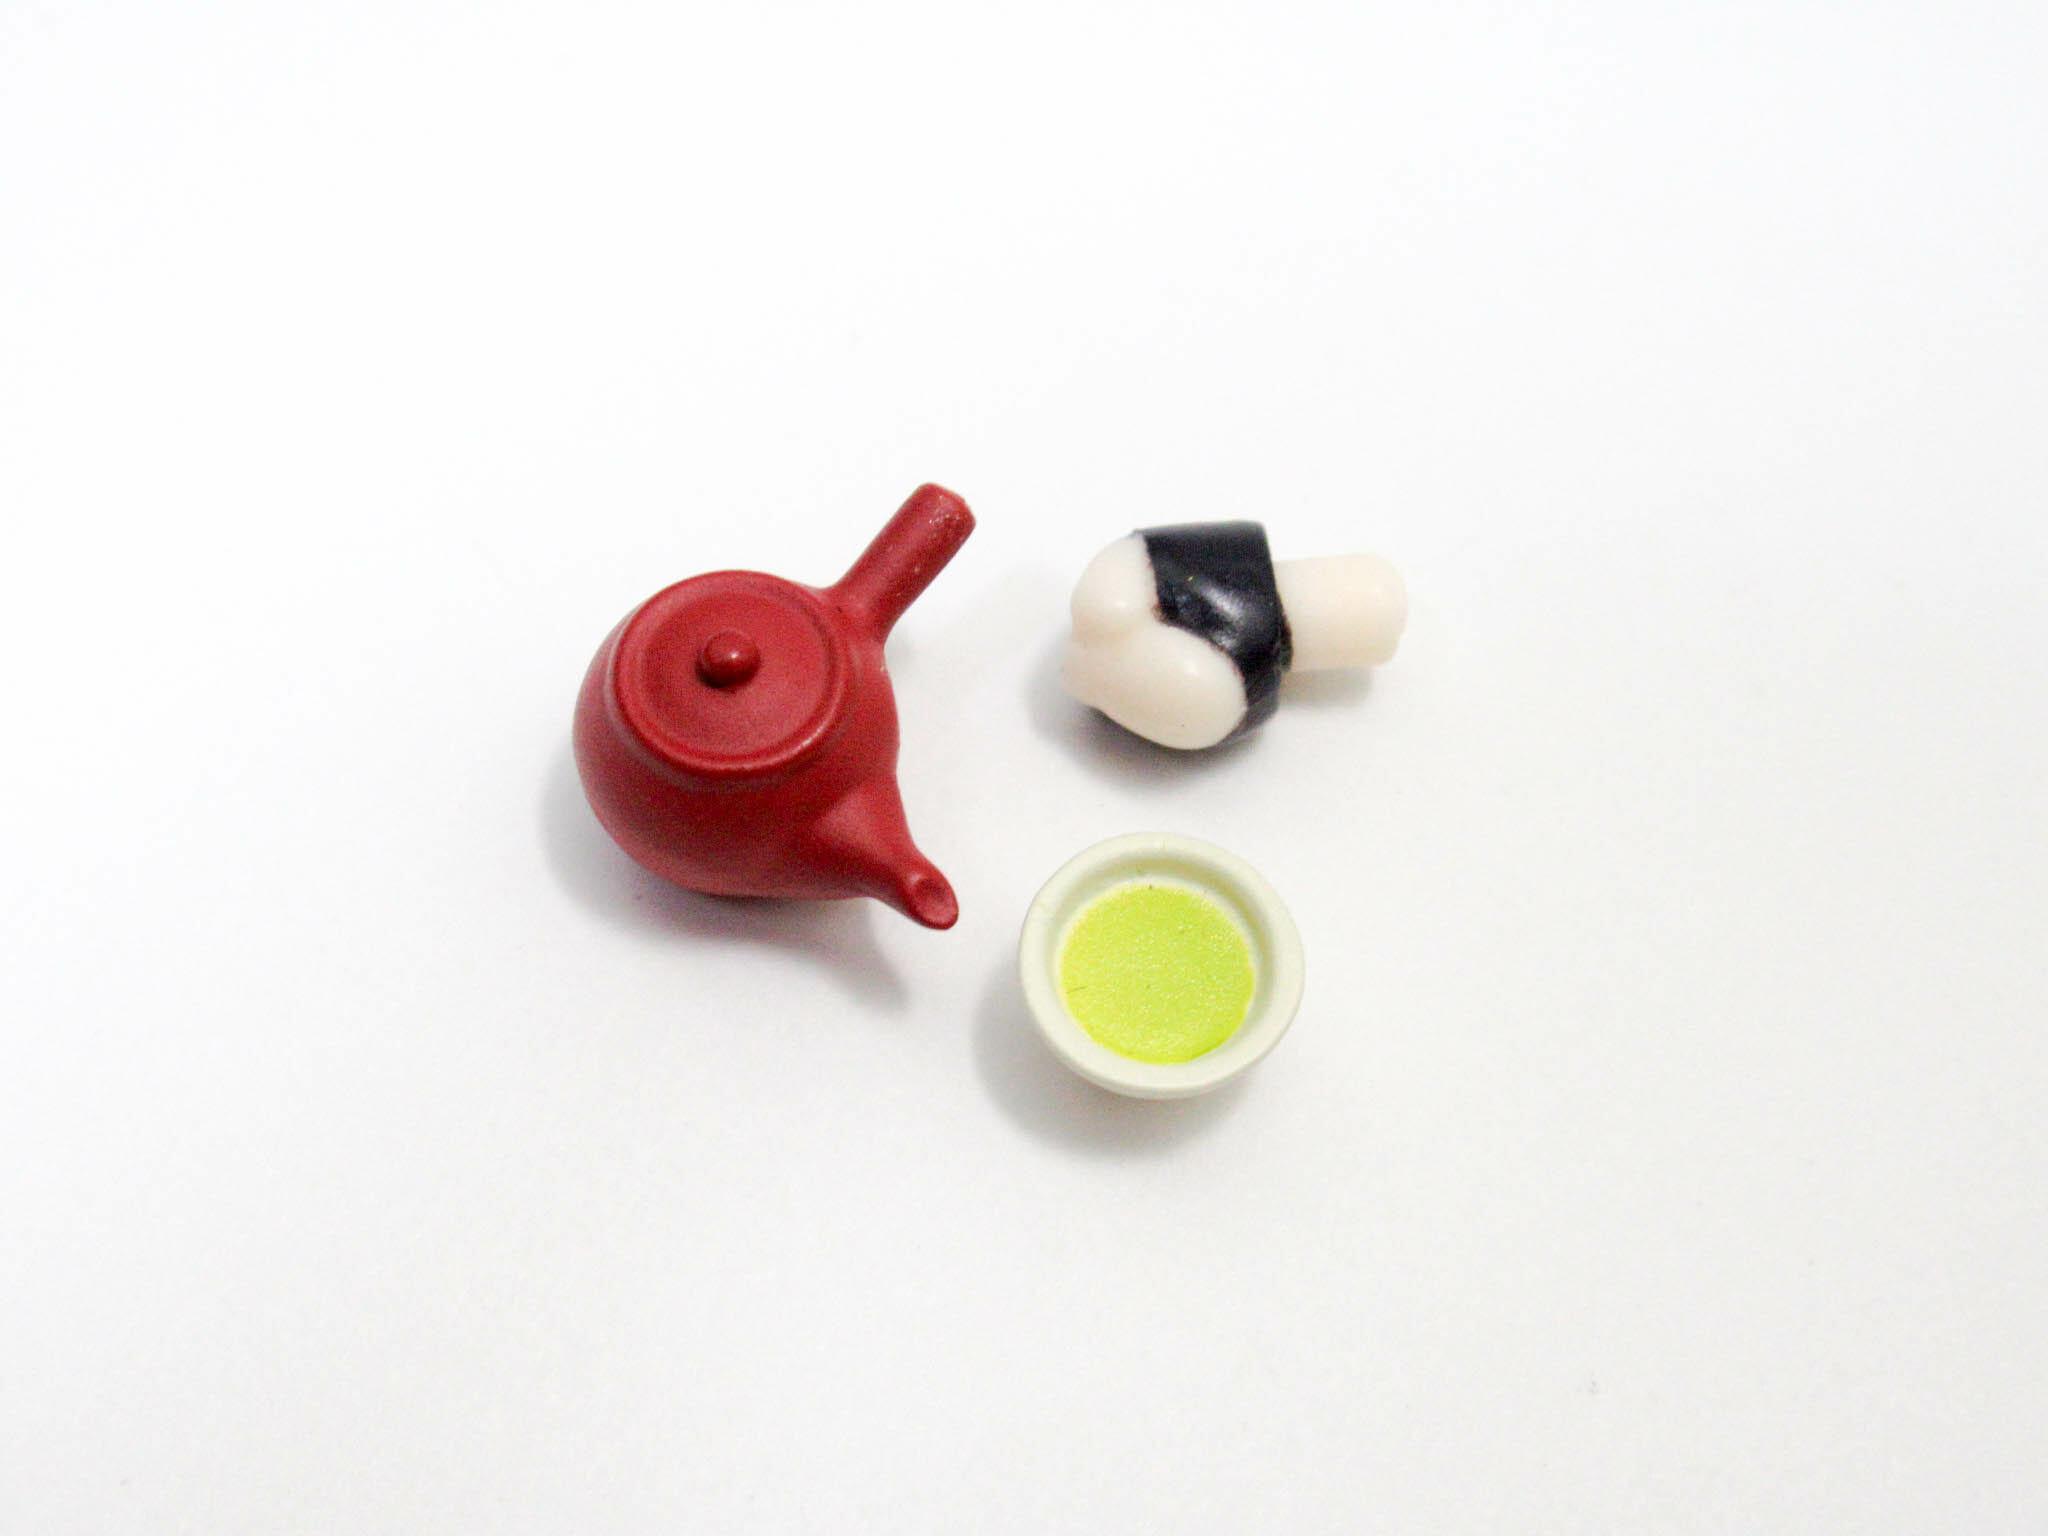 再入荷【995】 レイシア 小物パーツ お茶セット ねんどろいど